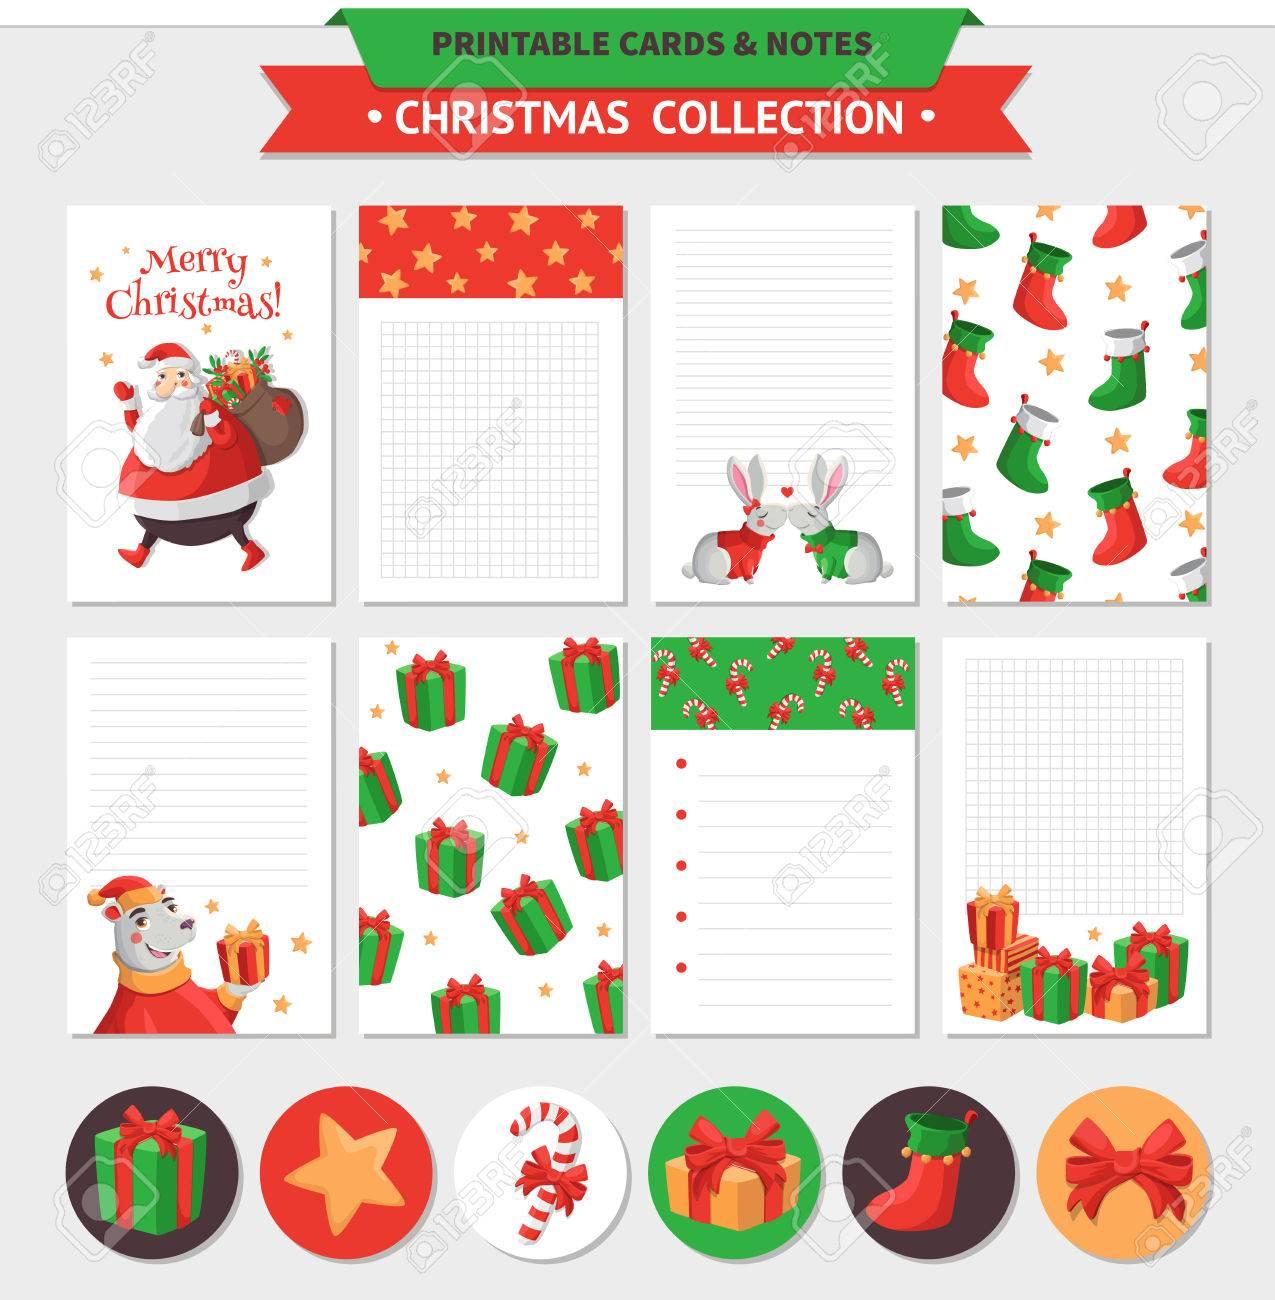 Ilustración De La Navidad Feliz. Vector Tarjetas Imprimibles, Notas ...